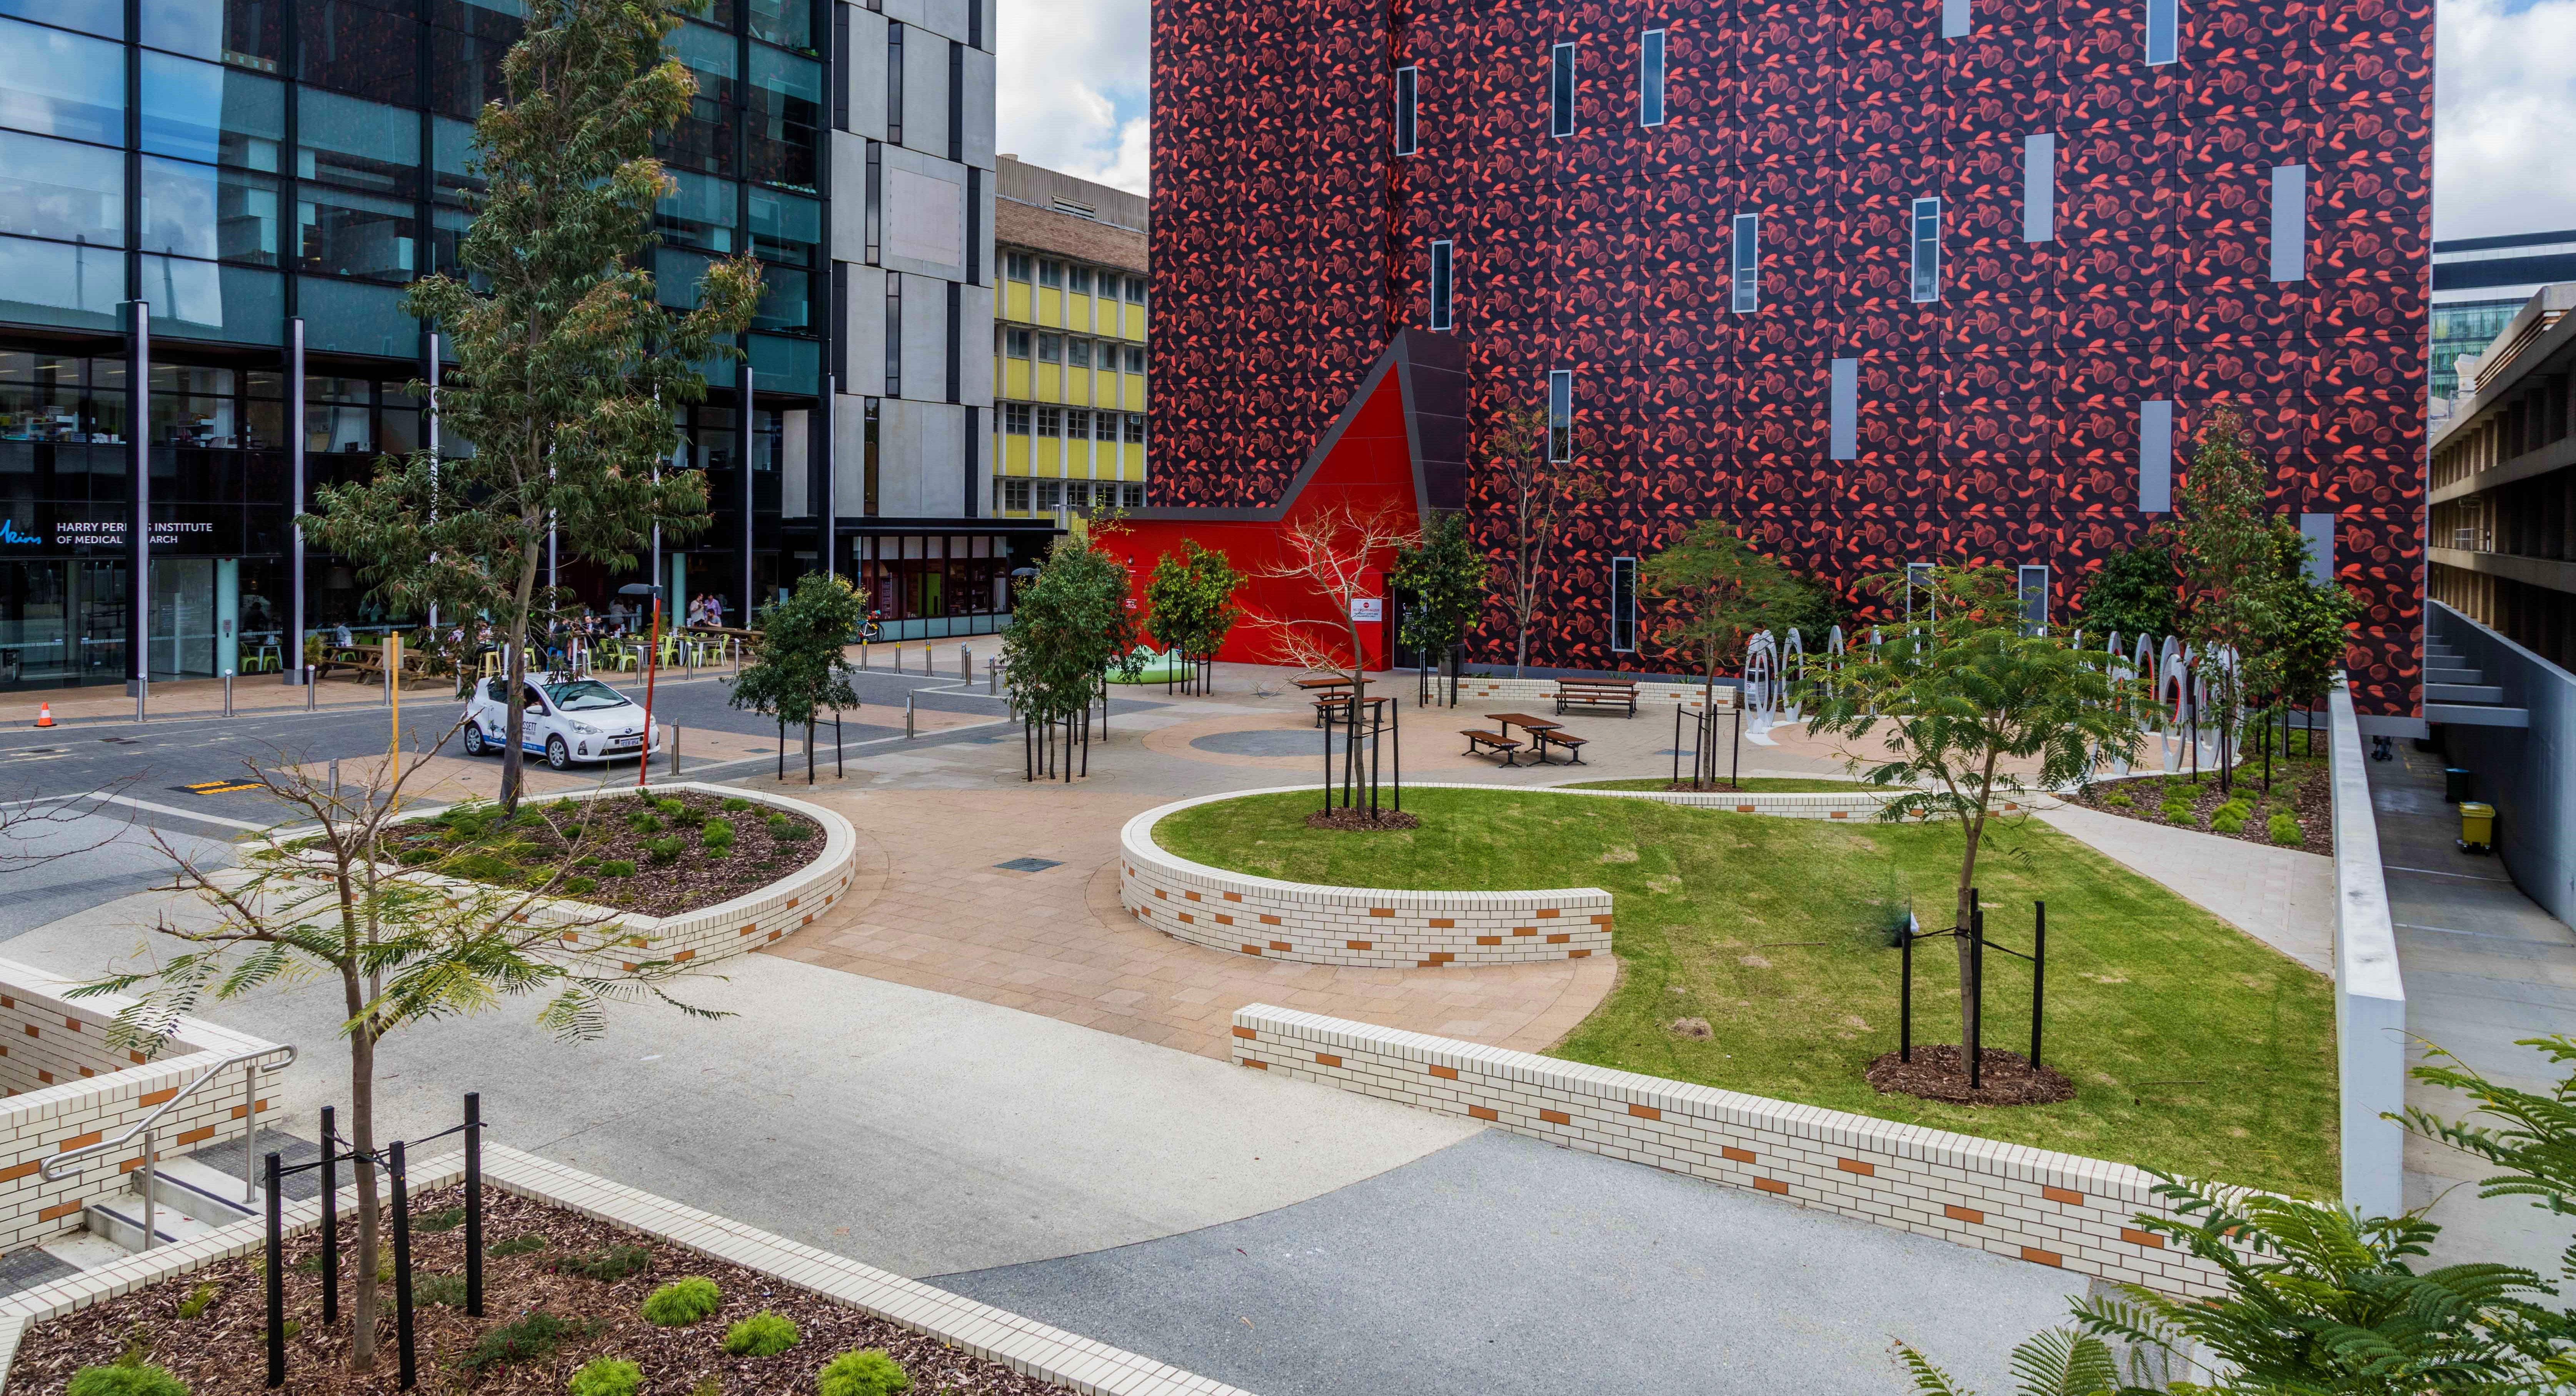 QEII Hospital - Courtyard